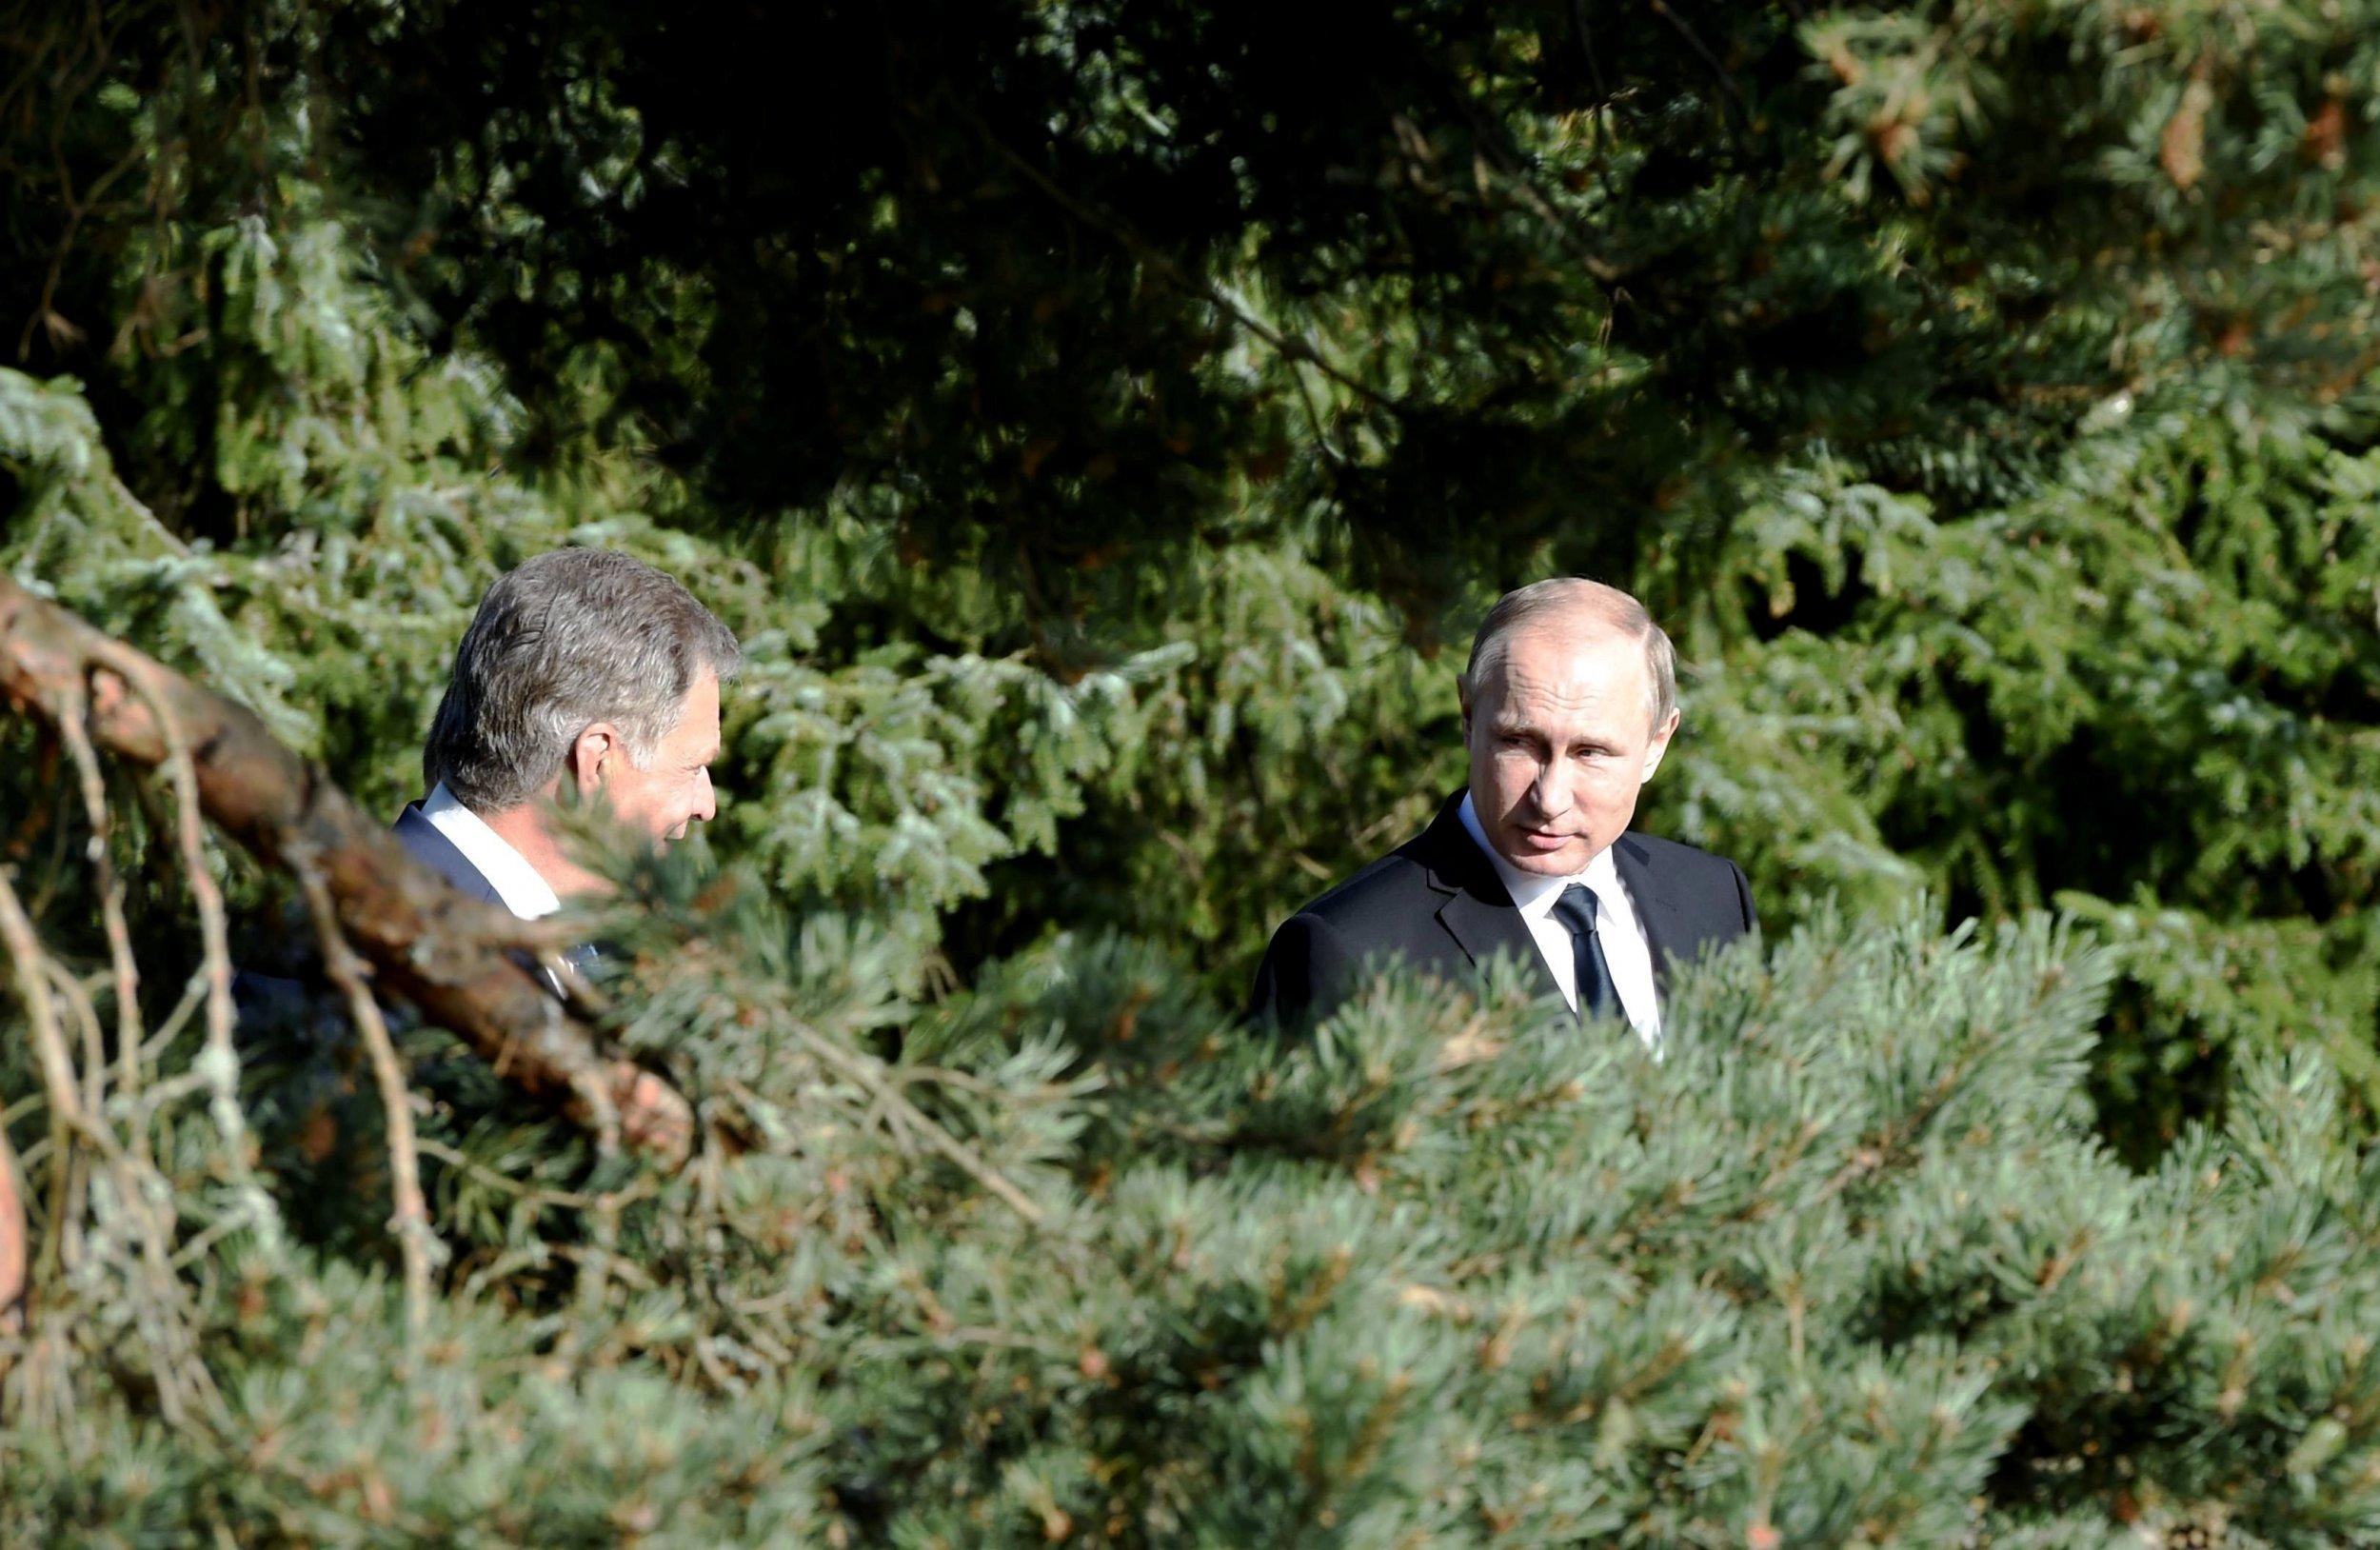 07_11_Putin_Neighbors_01